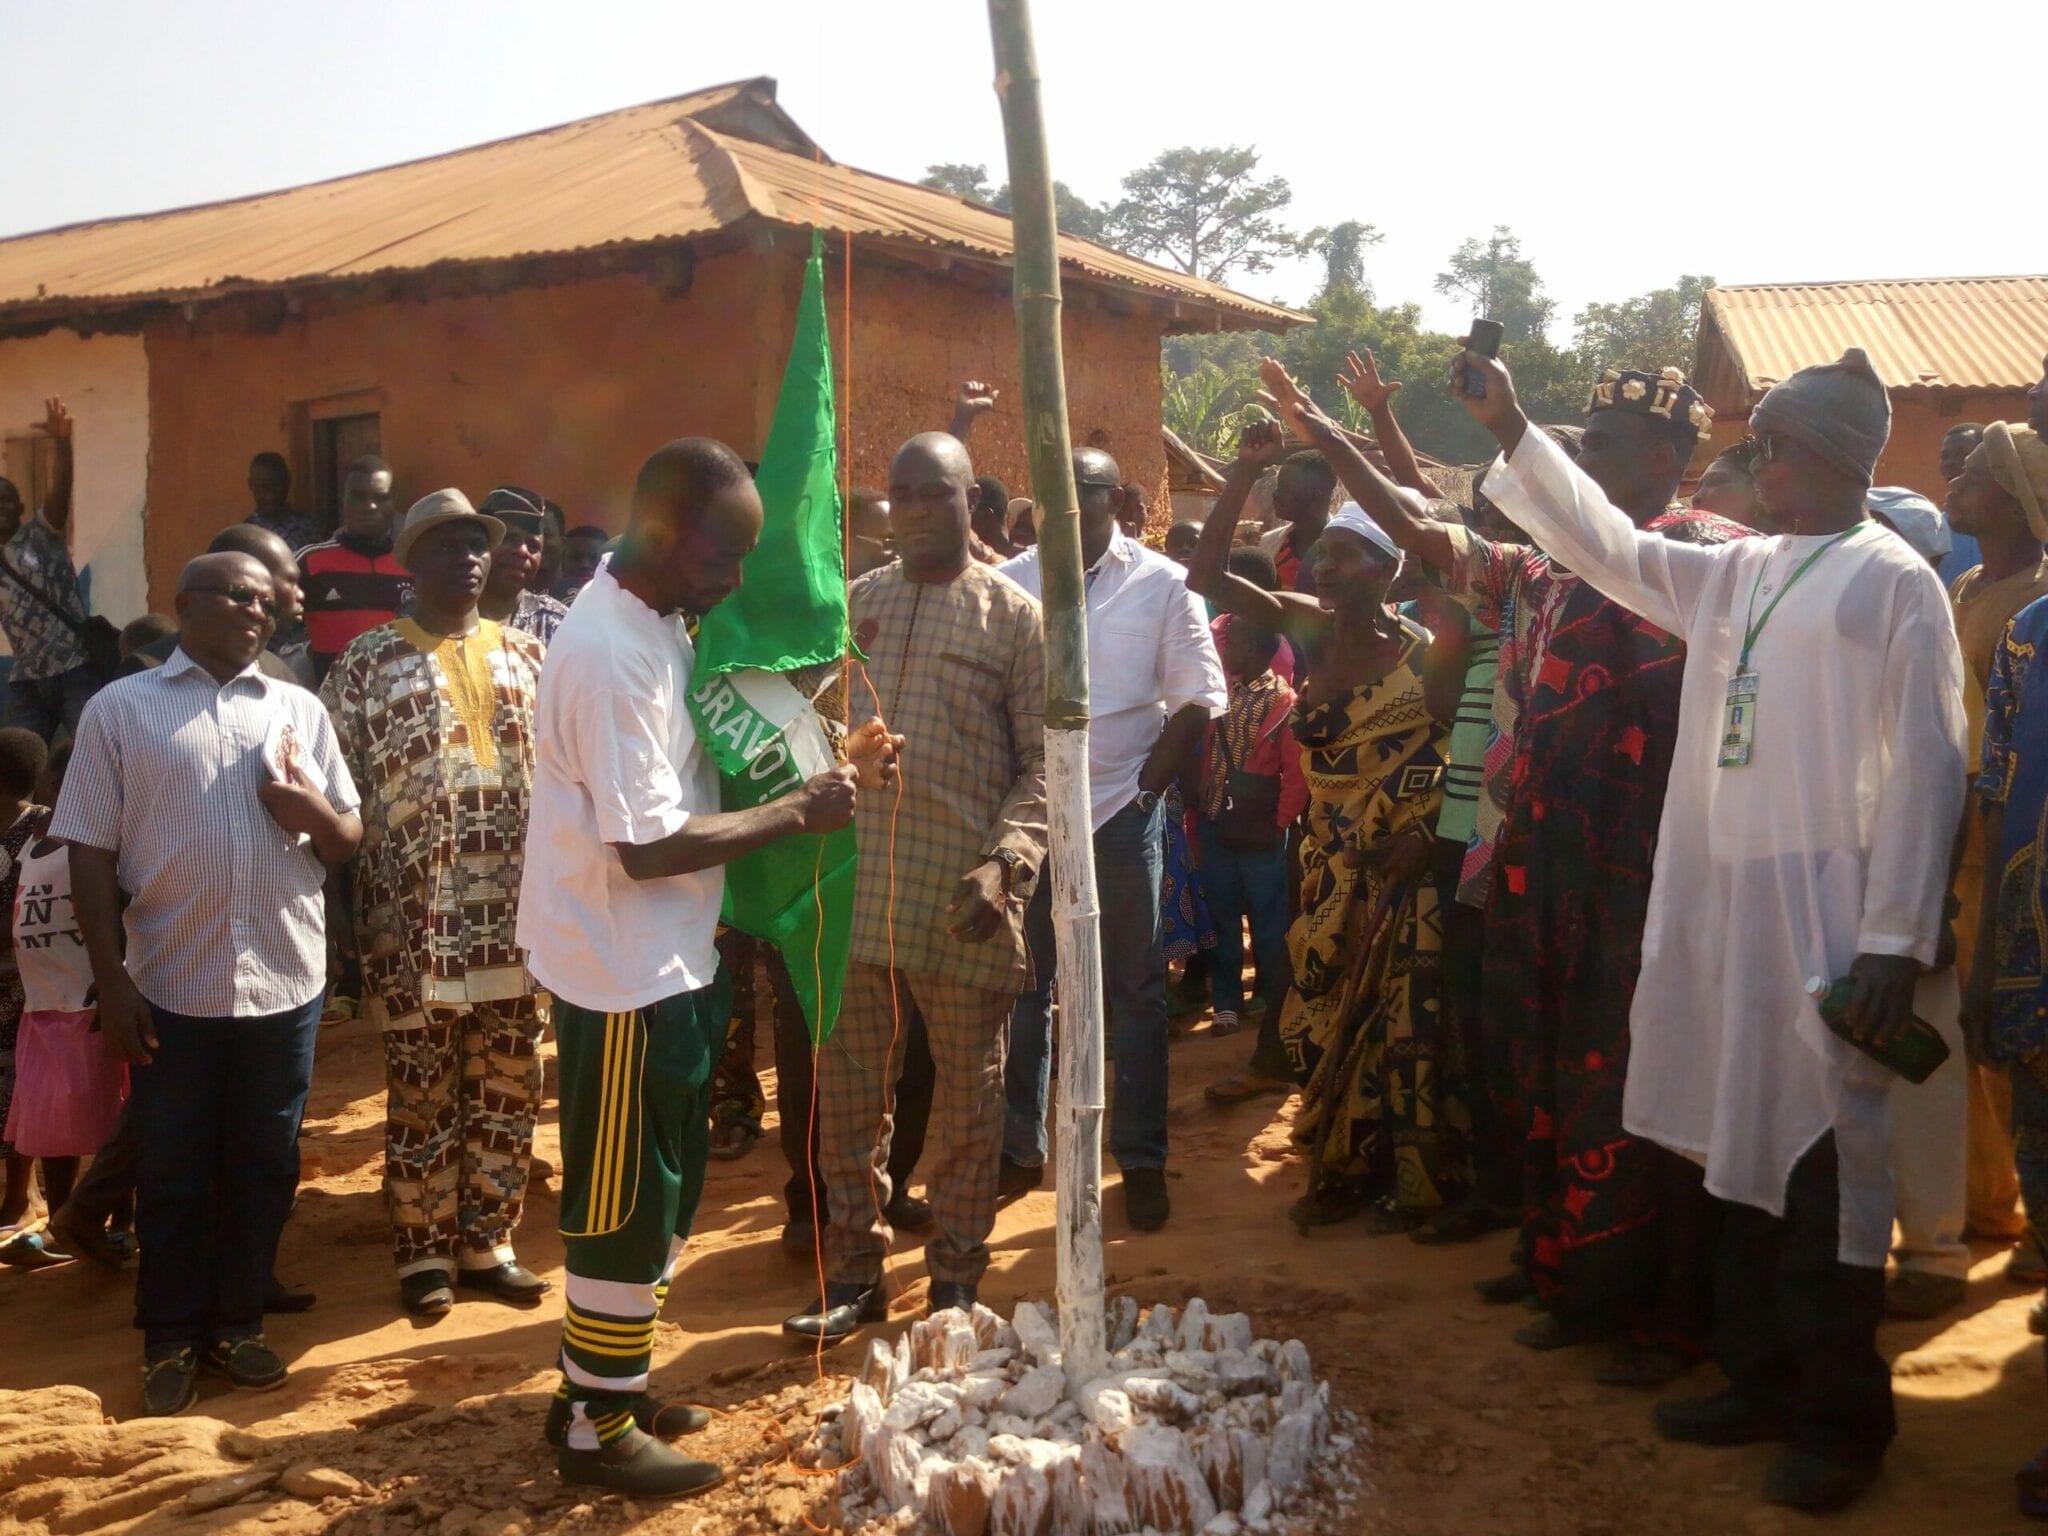 Préfecture de l'Akébou: Le village de Saraga célèbre son premier anniversaire de Fin de Défécation à l'Air Libre (FDAL)